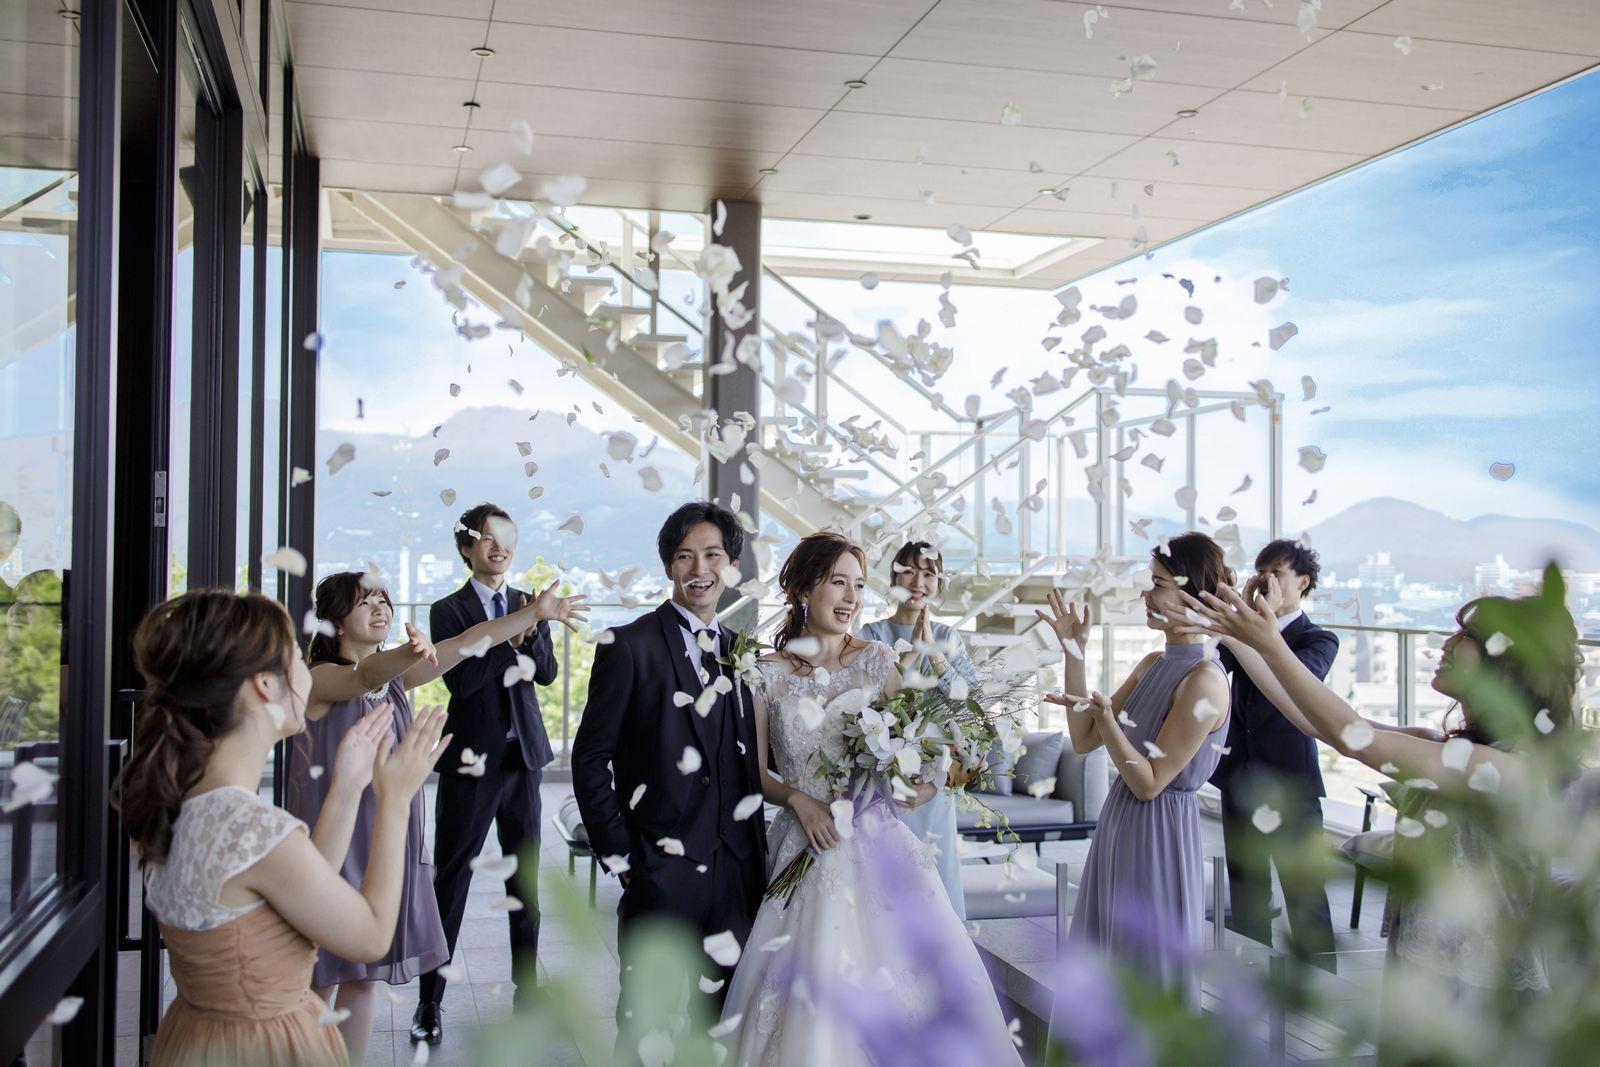 香川県高松市の結婚式場で人気のアナザースタイル